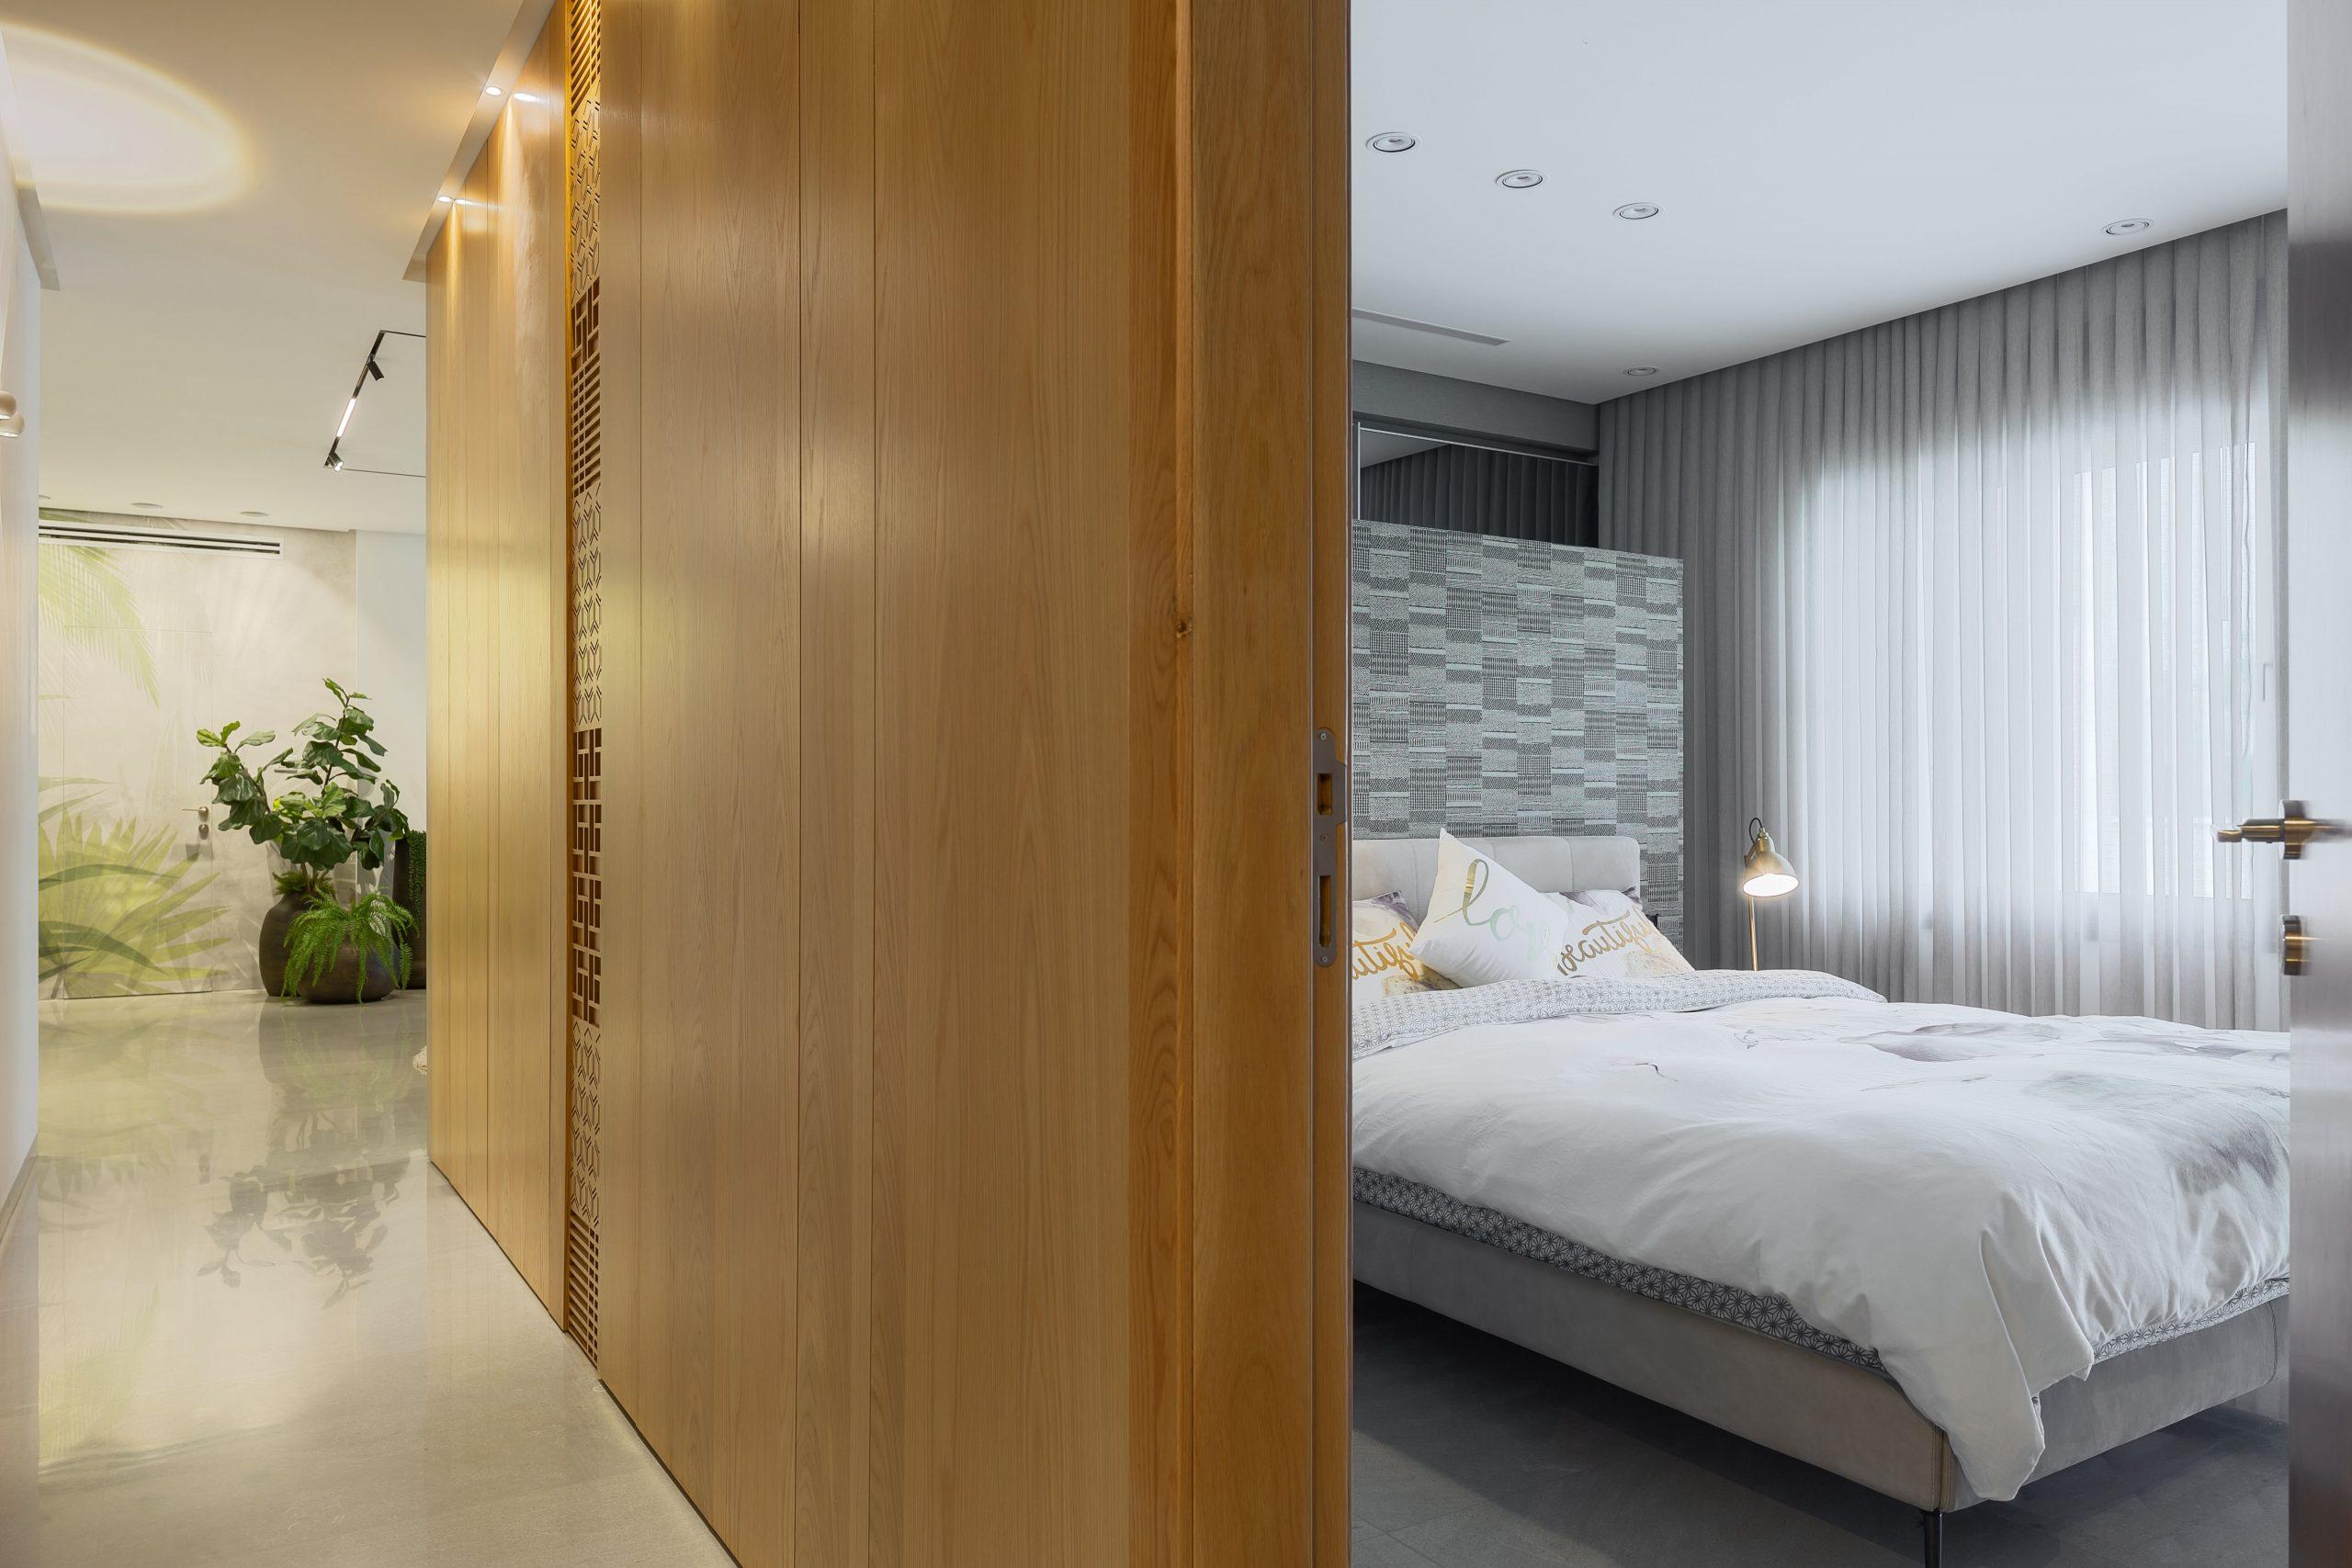 חדר שינה ומסדרון בעיצוב אדריכלי